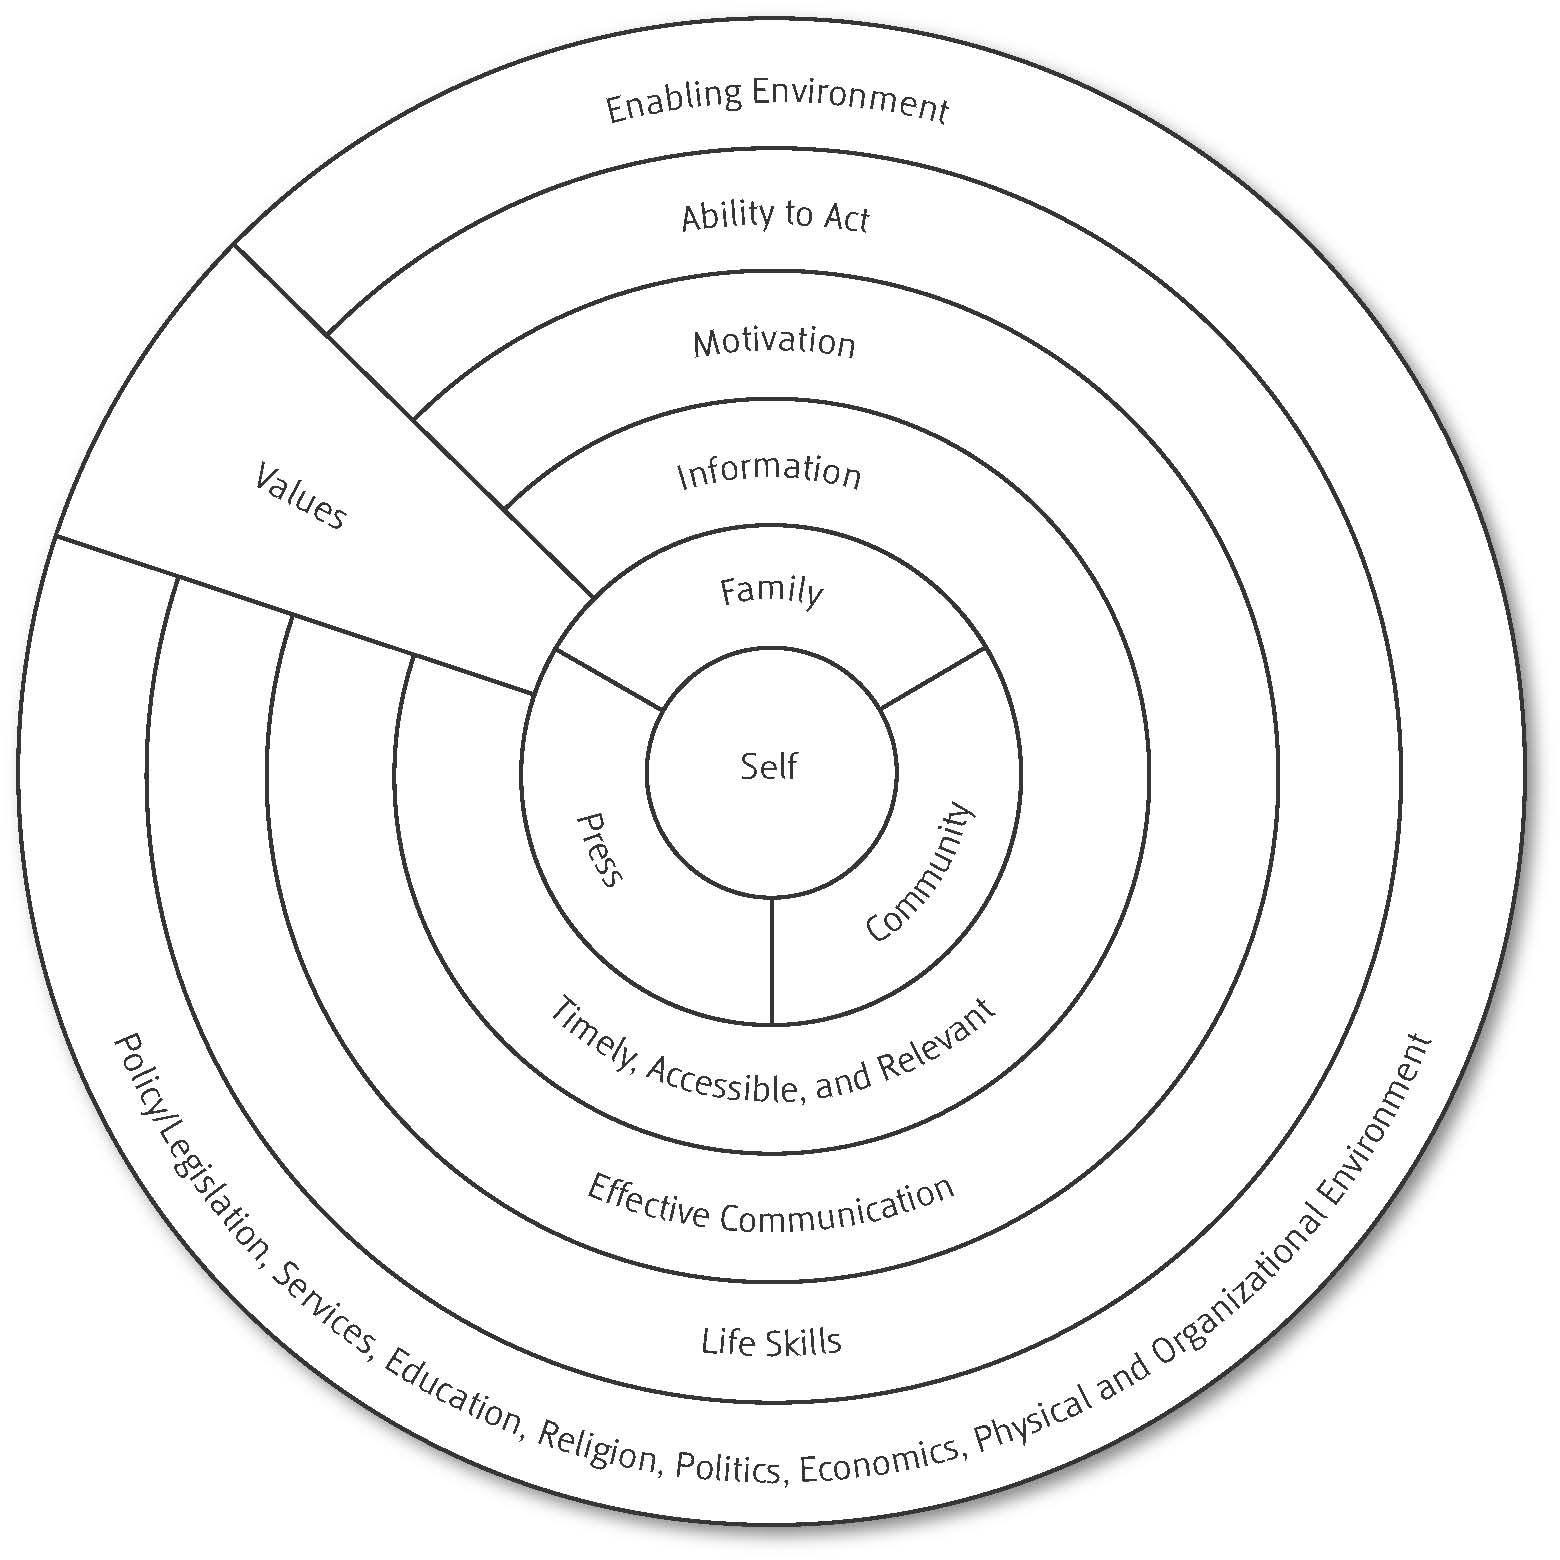 Social Environmental Behavior Change Model From Involving